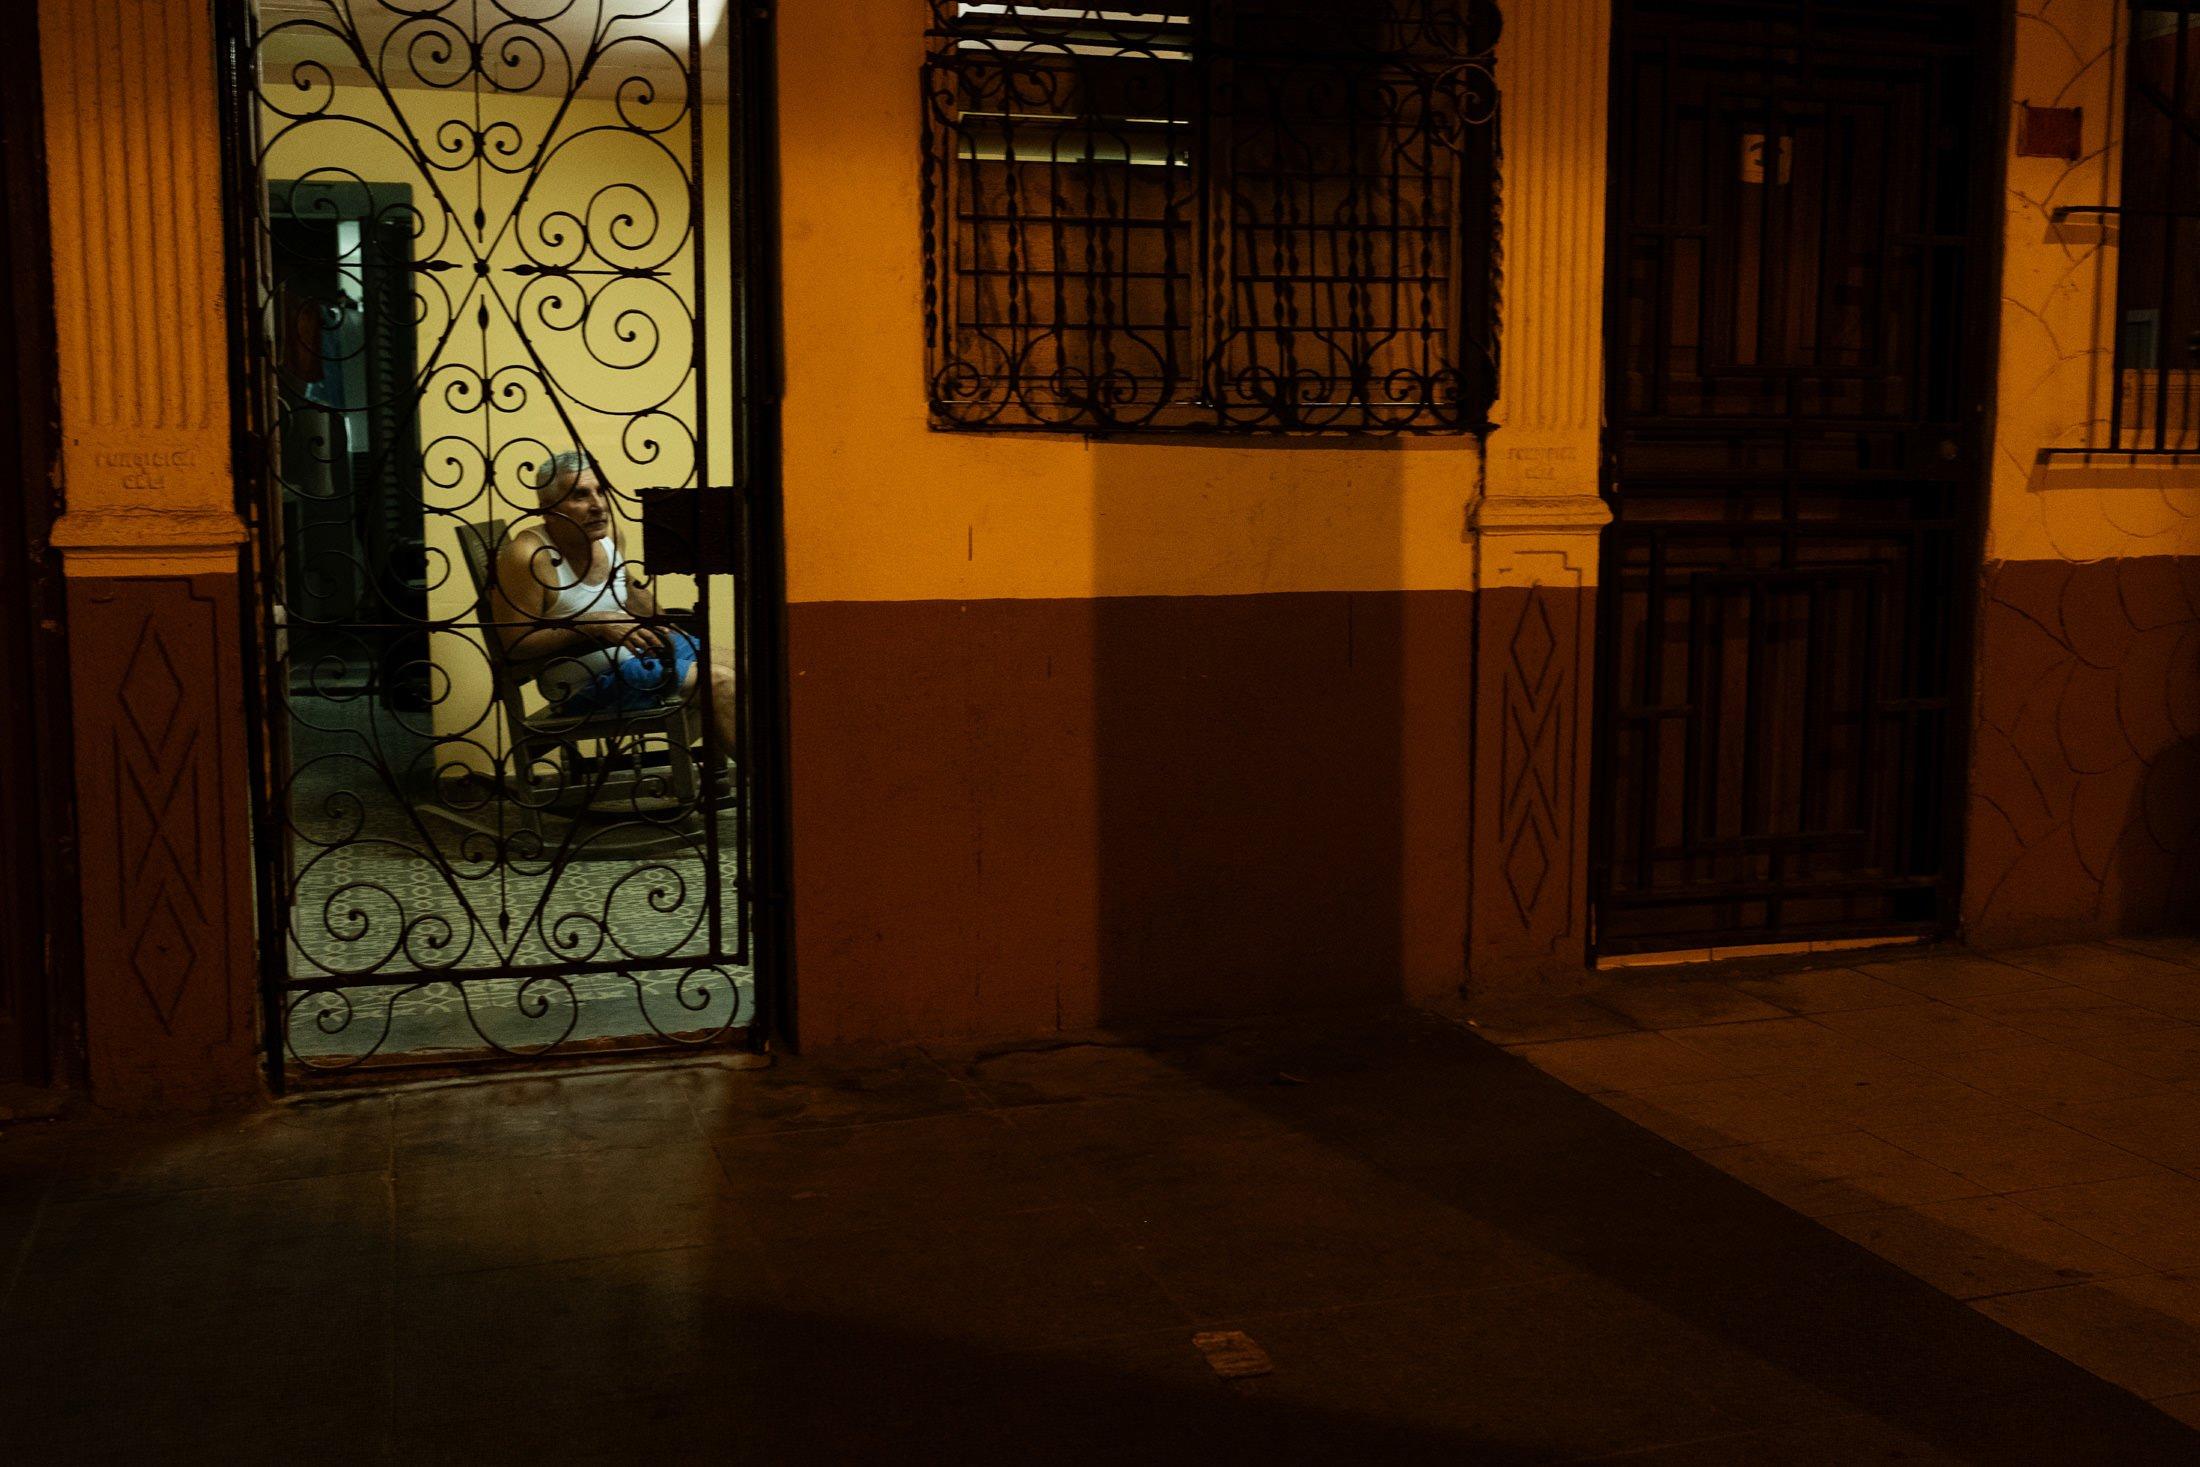 elderly woman sat in a building in Havana, Cuba